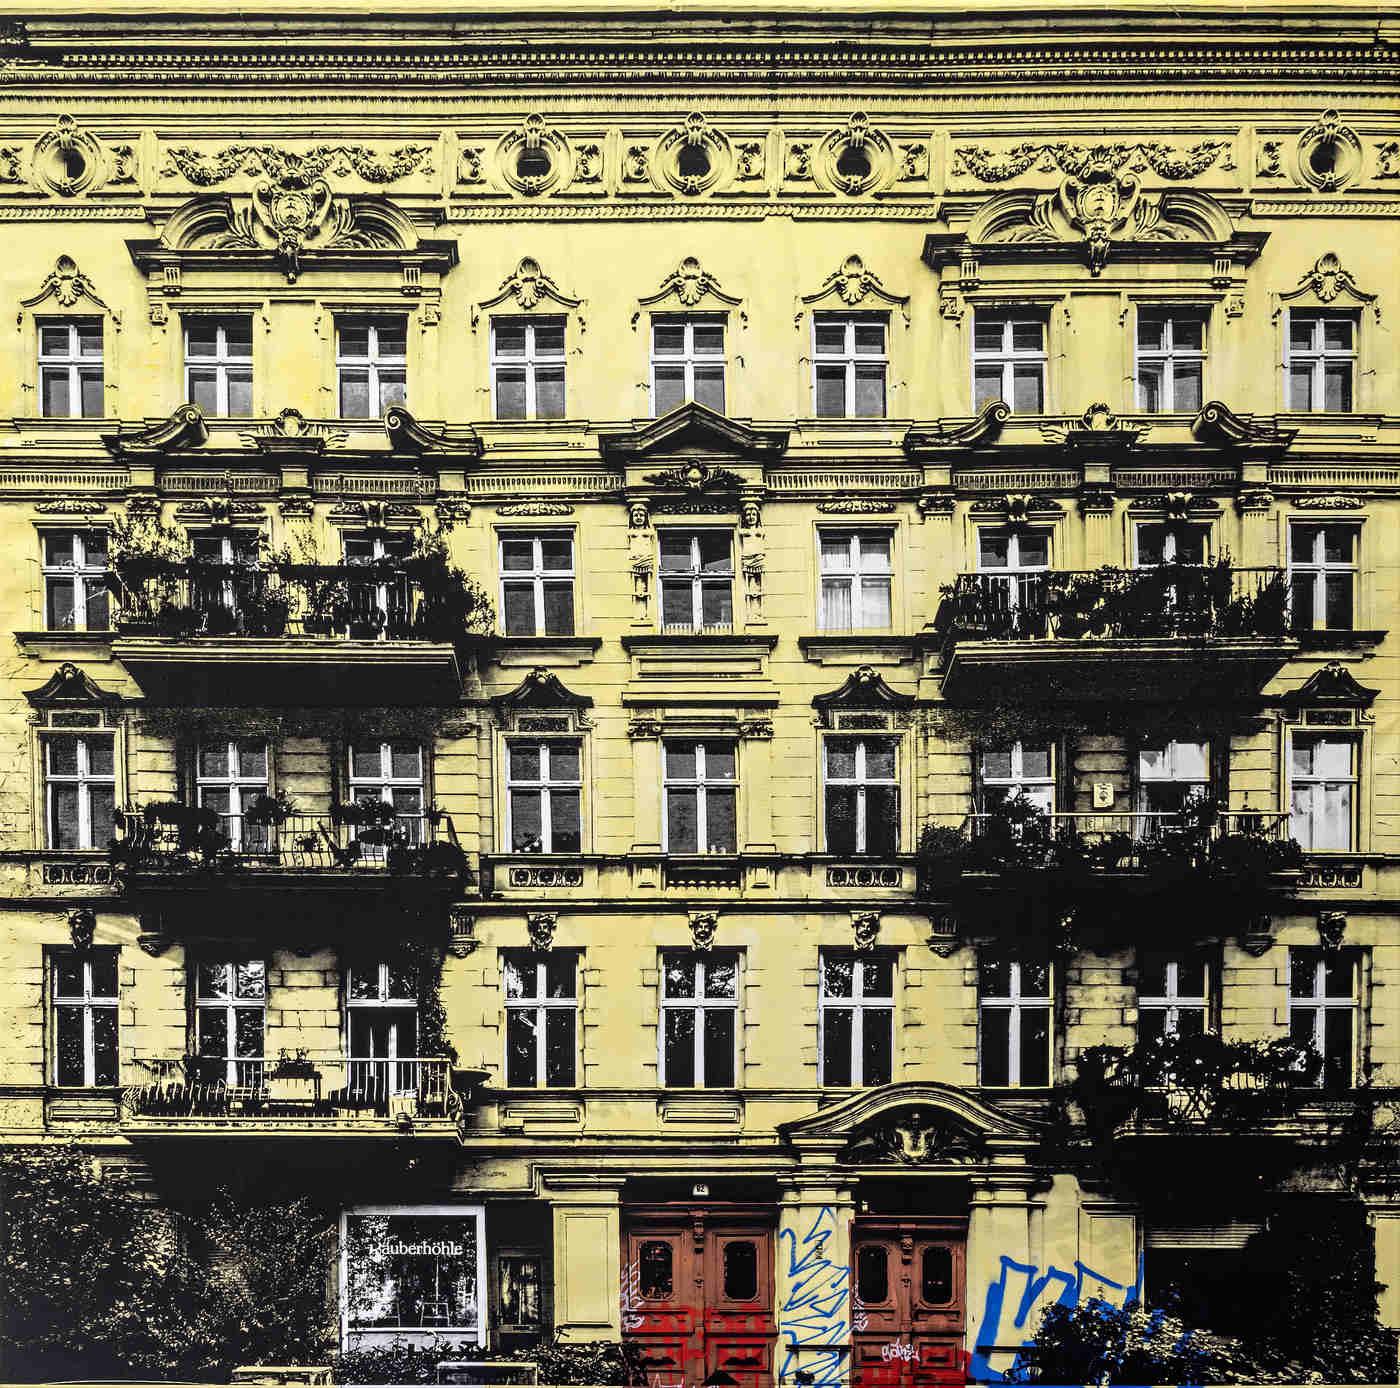 002_SCHLOSS_PenttiMonkkonen_TheDreamoftheNineties(Yellow)(2016)